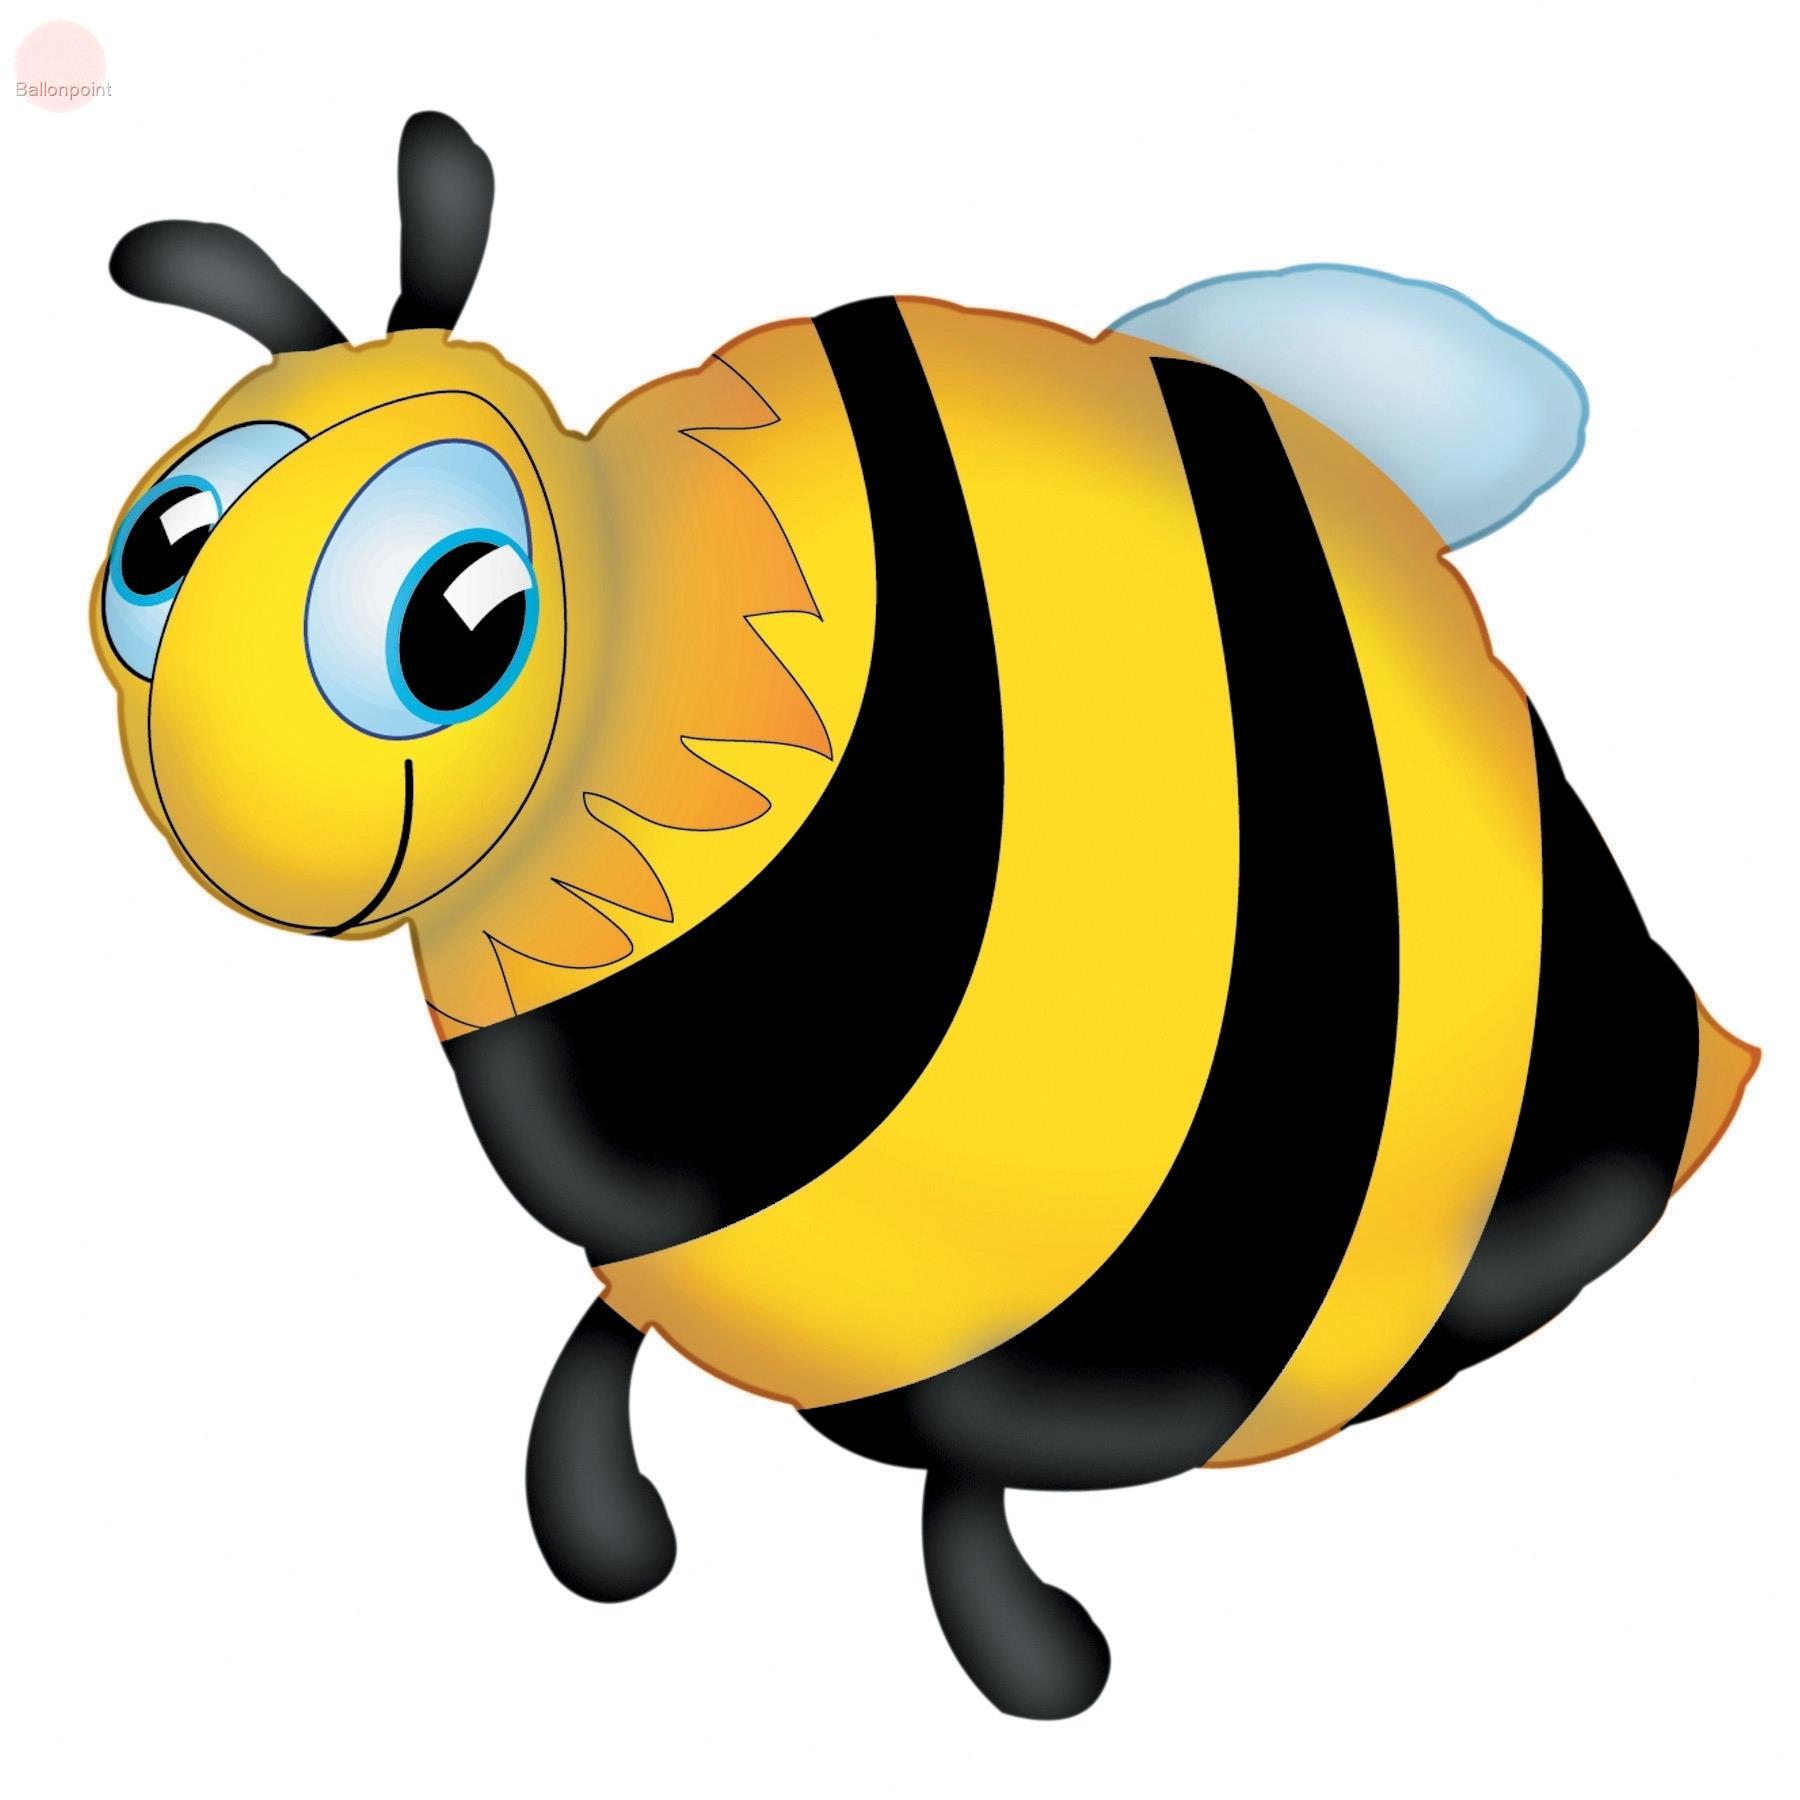 FOBF071-660921E Folienfigurballon Jumbo Shape Bee